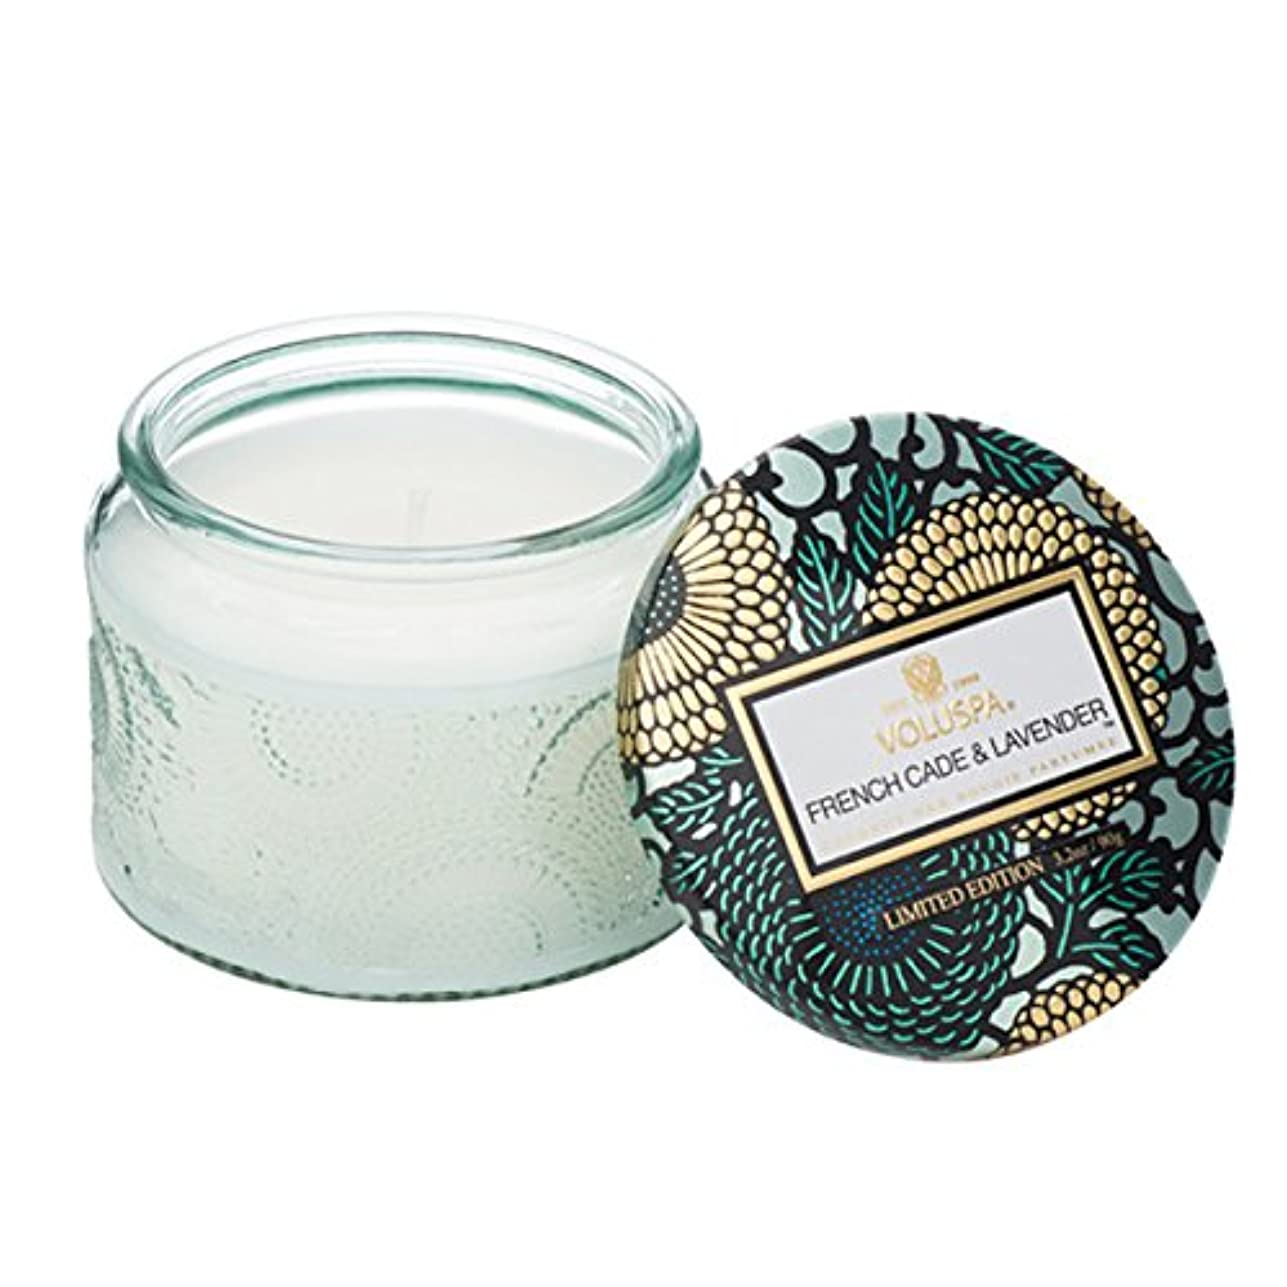 懲らしめおばあさん家族Voluspa ボルスパ ジャポニカ リミテッド グラスジャーキャンドル  S フレンチケード&ラベンダー FRENCH CADE LAVENDER  JAPONICA Limited PETITE EMBOSSED Glass jar candle